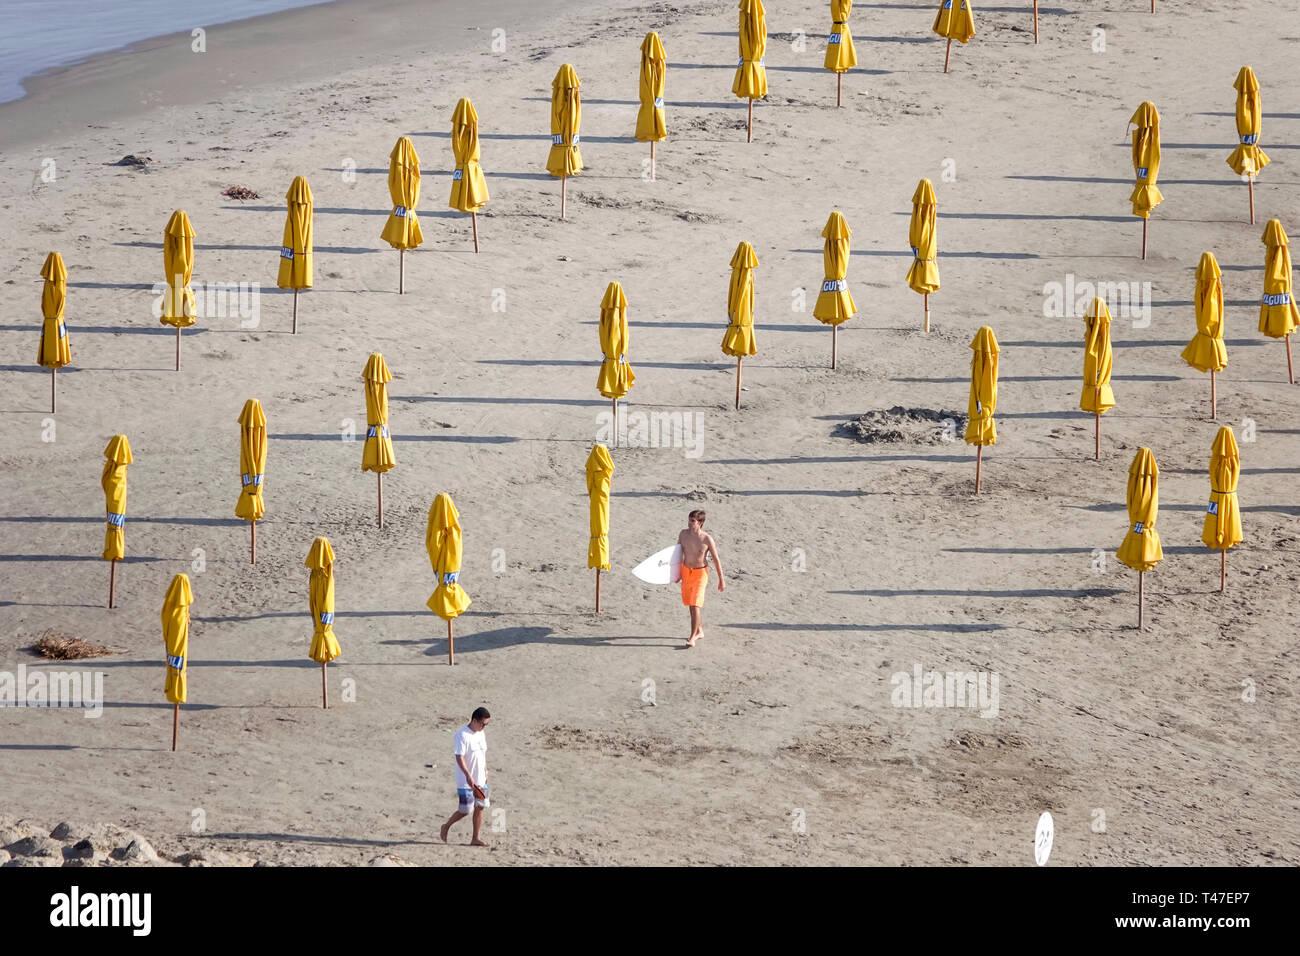 Cartagena Kolumbien Bocagrande Karibik öffentlichen Strand sand Wasser Sonnenschirme gelb Vermietung Hispanic Bewohner Bewohner Mann surfer Stockbild